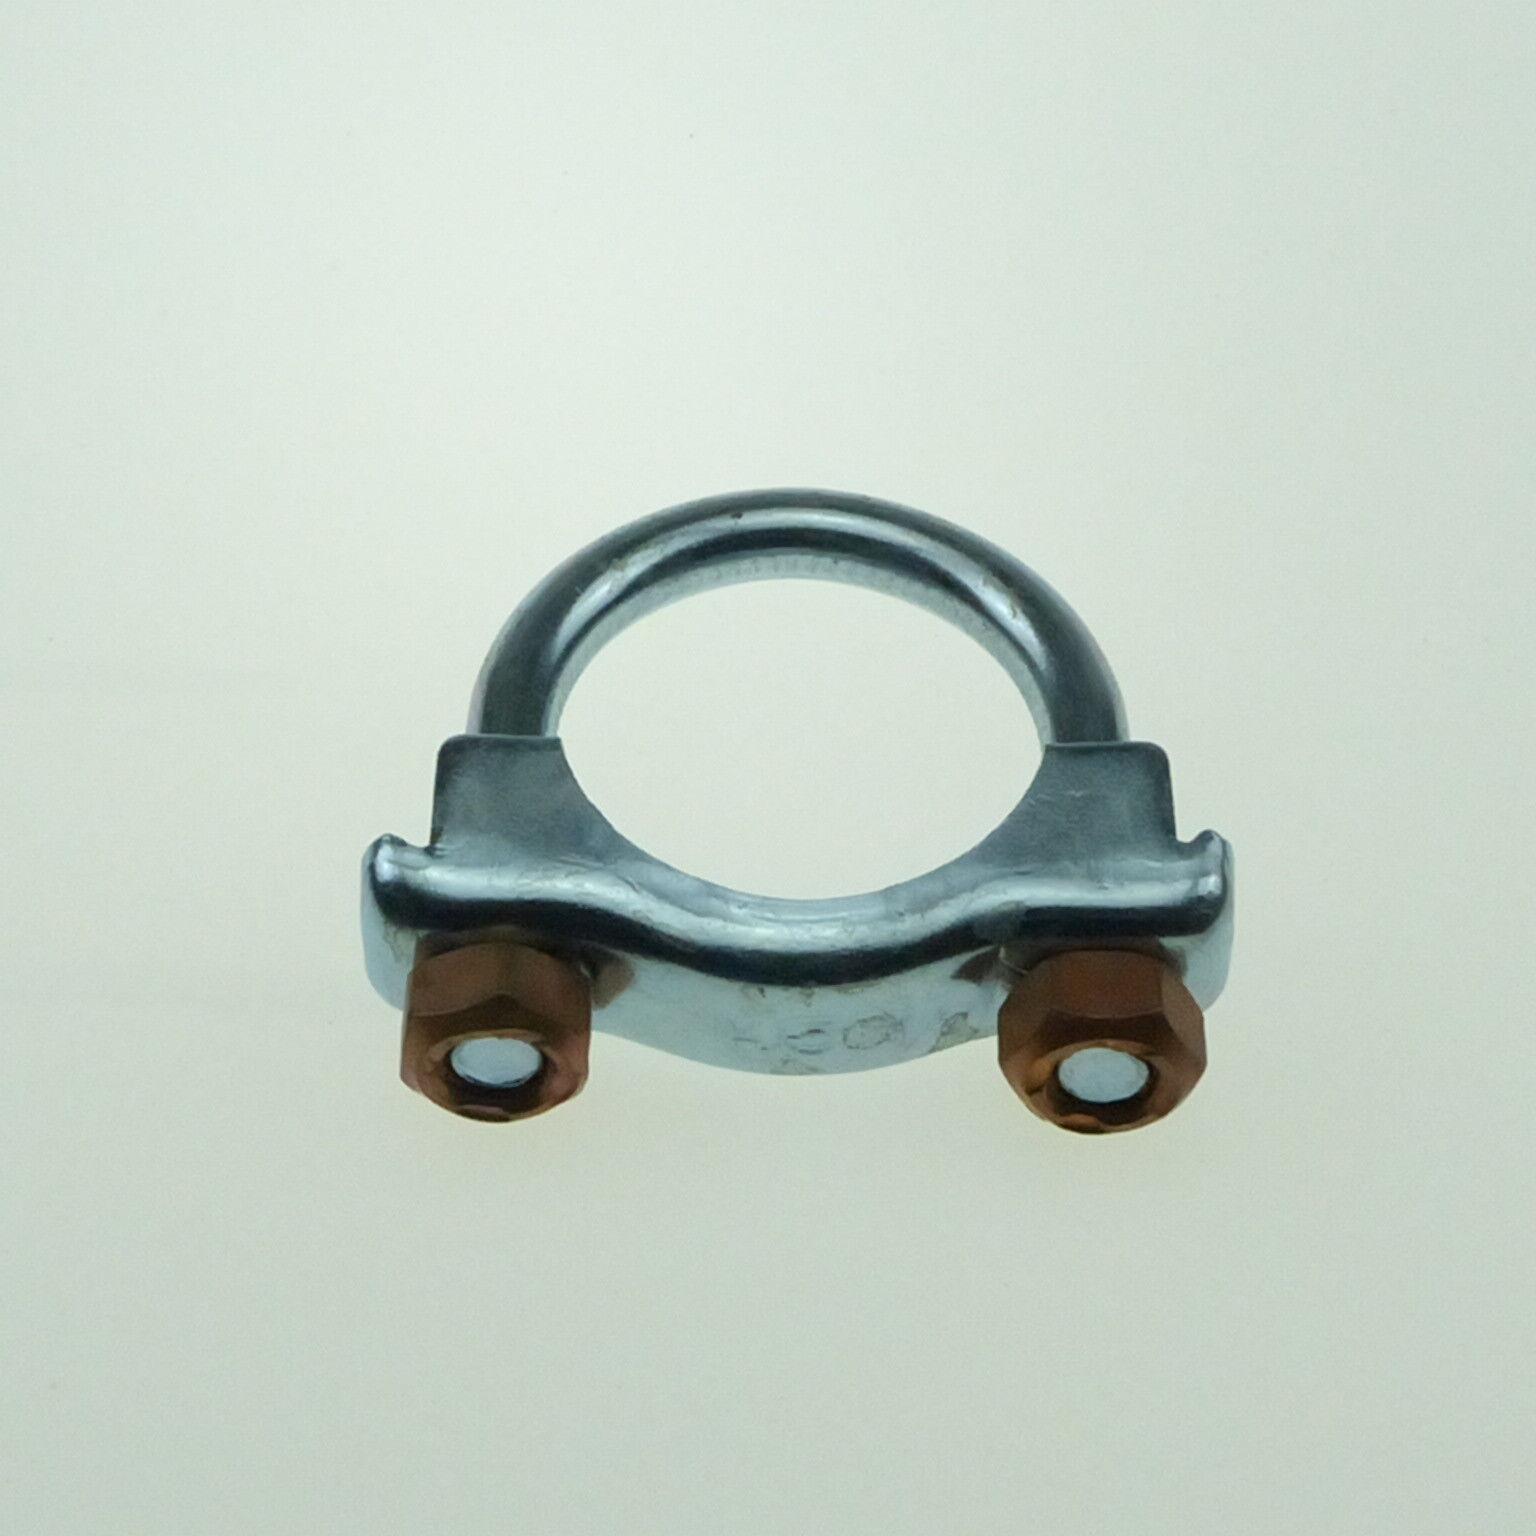 5St Auspuffschelle Rohr-Bügelschelle U-Bolt Clamp Ford 50,5mm Flachbügelschelle